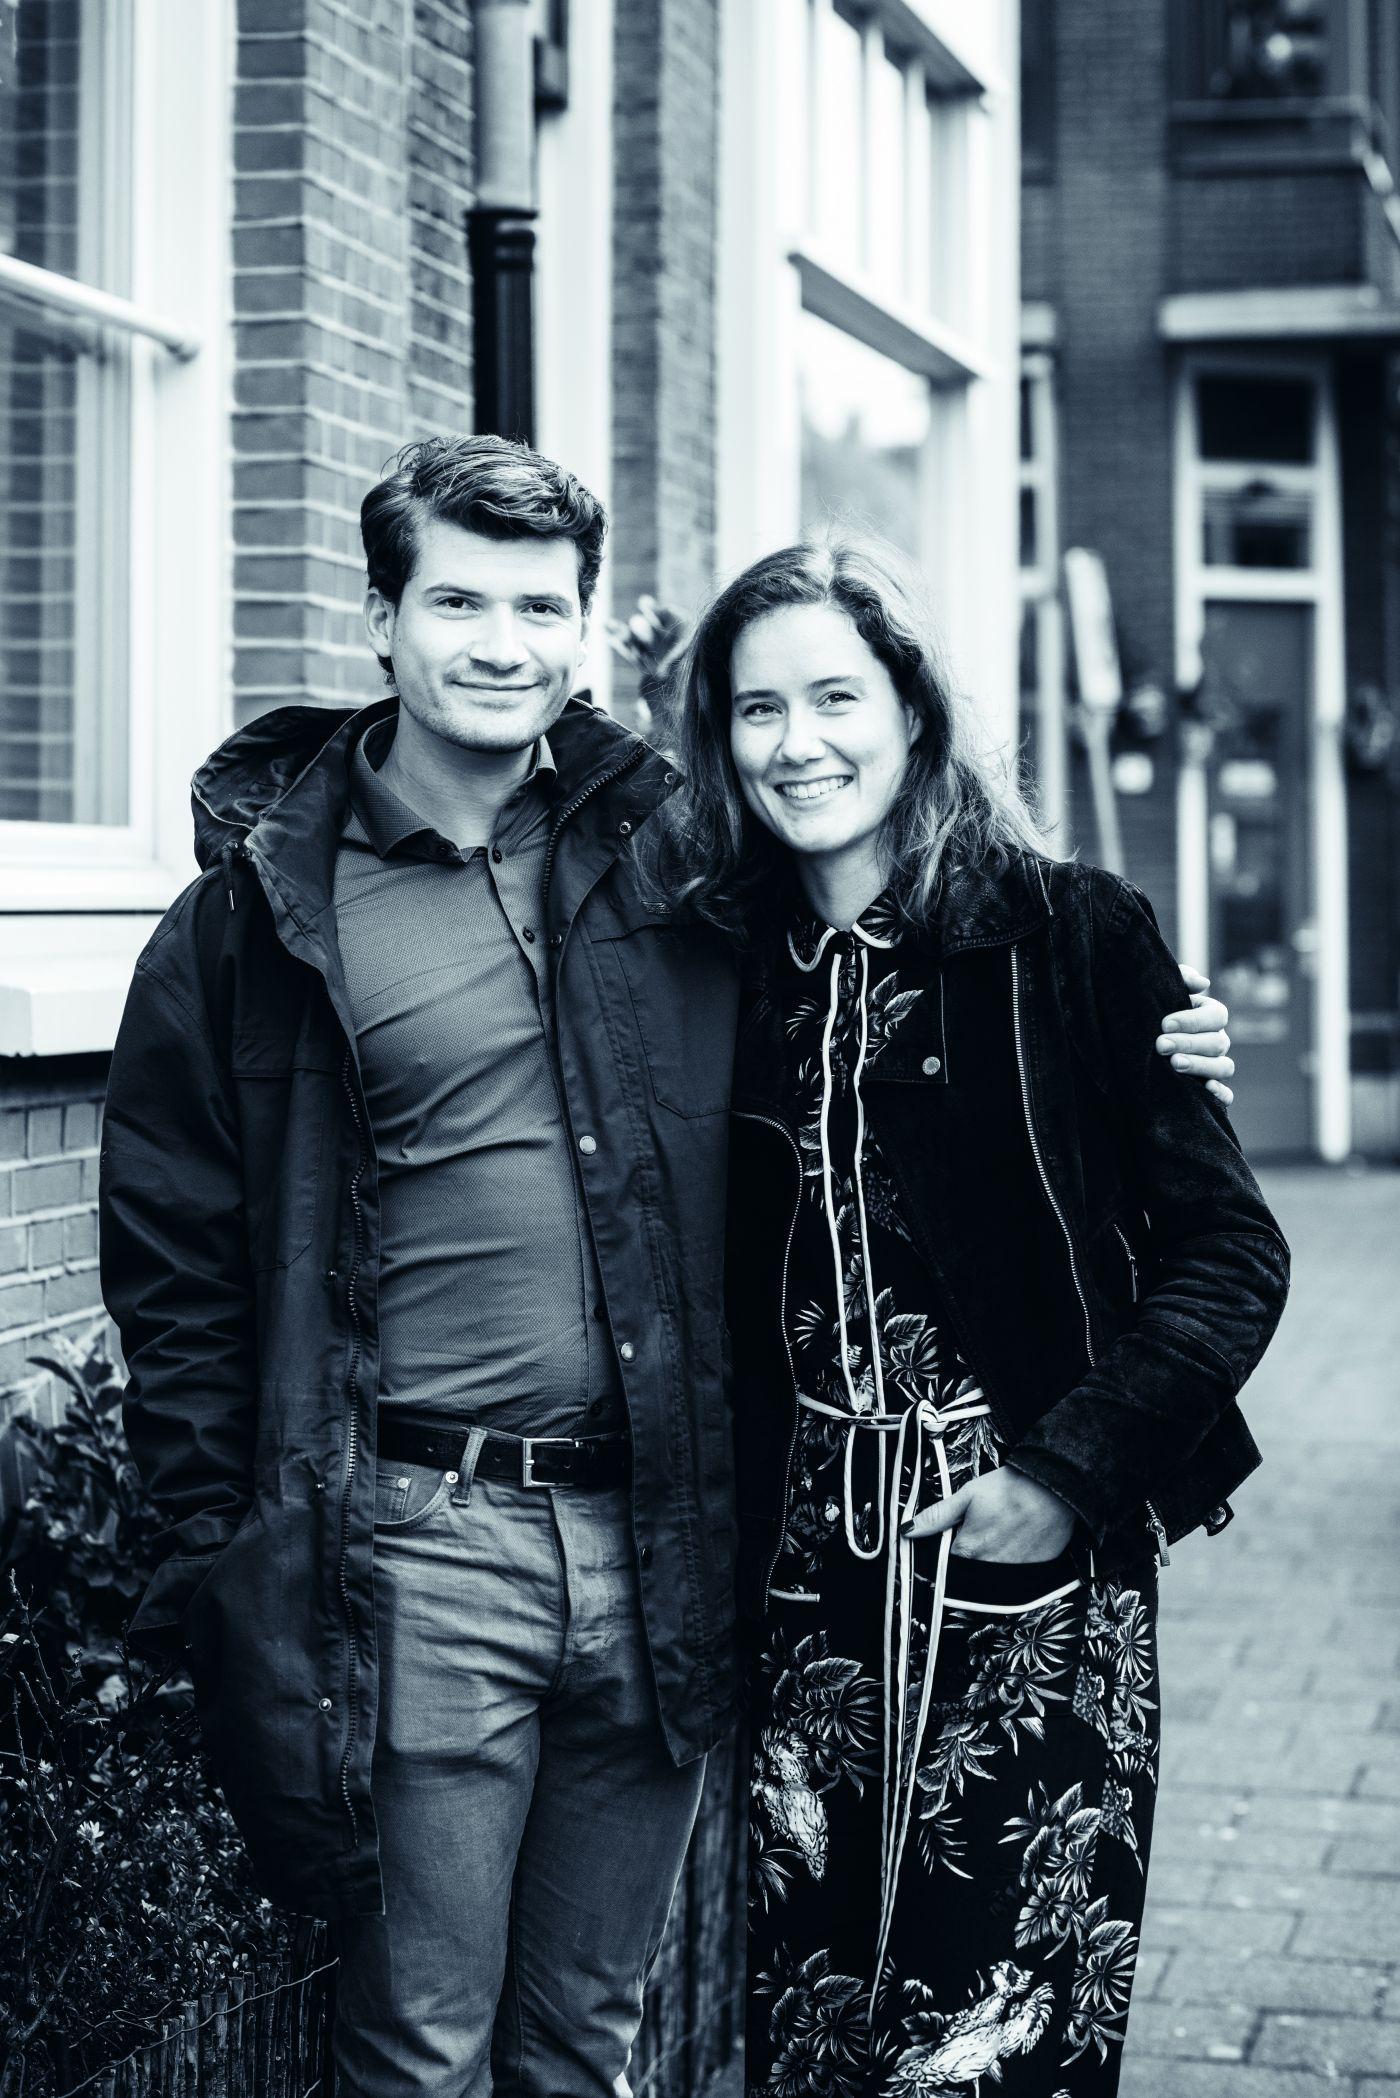 Publiek Sanne Ephraim & Martijn Ephraim (Linelle Deunk